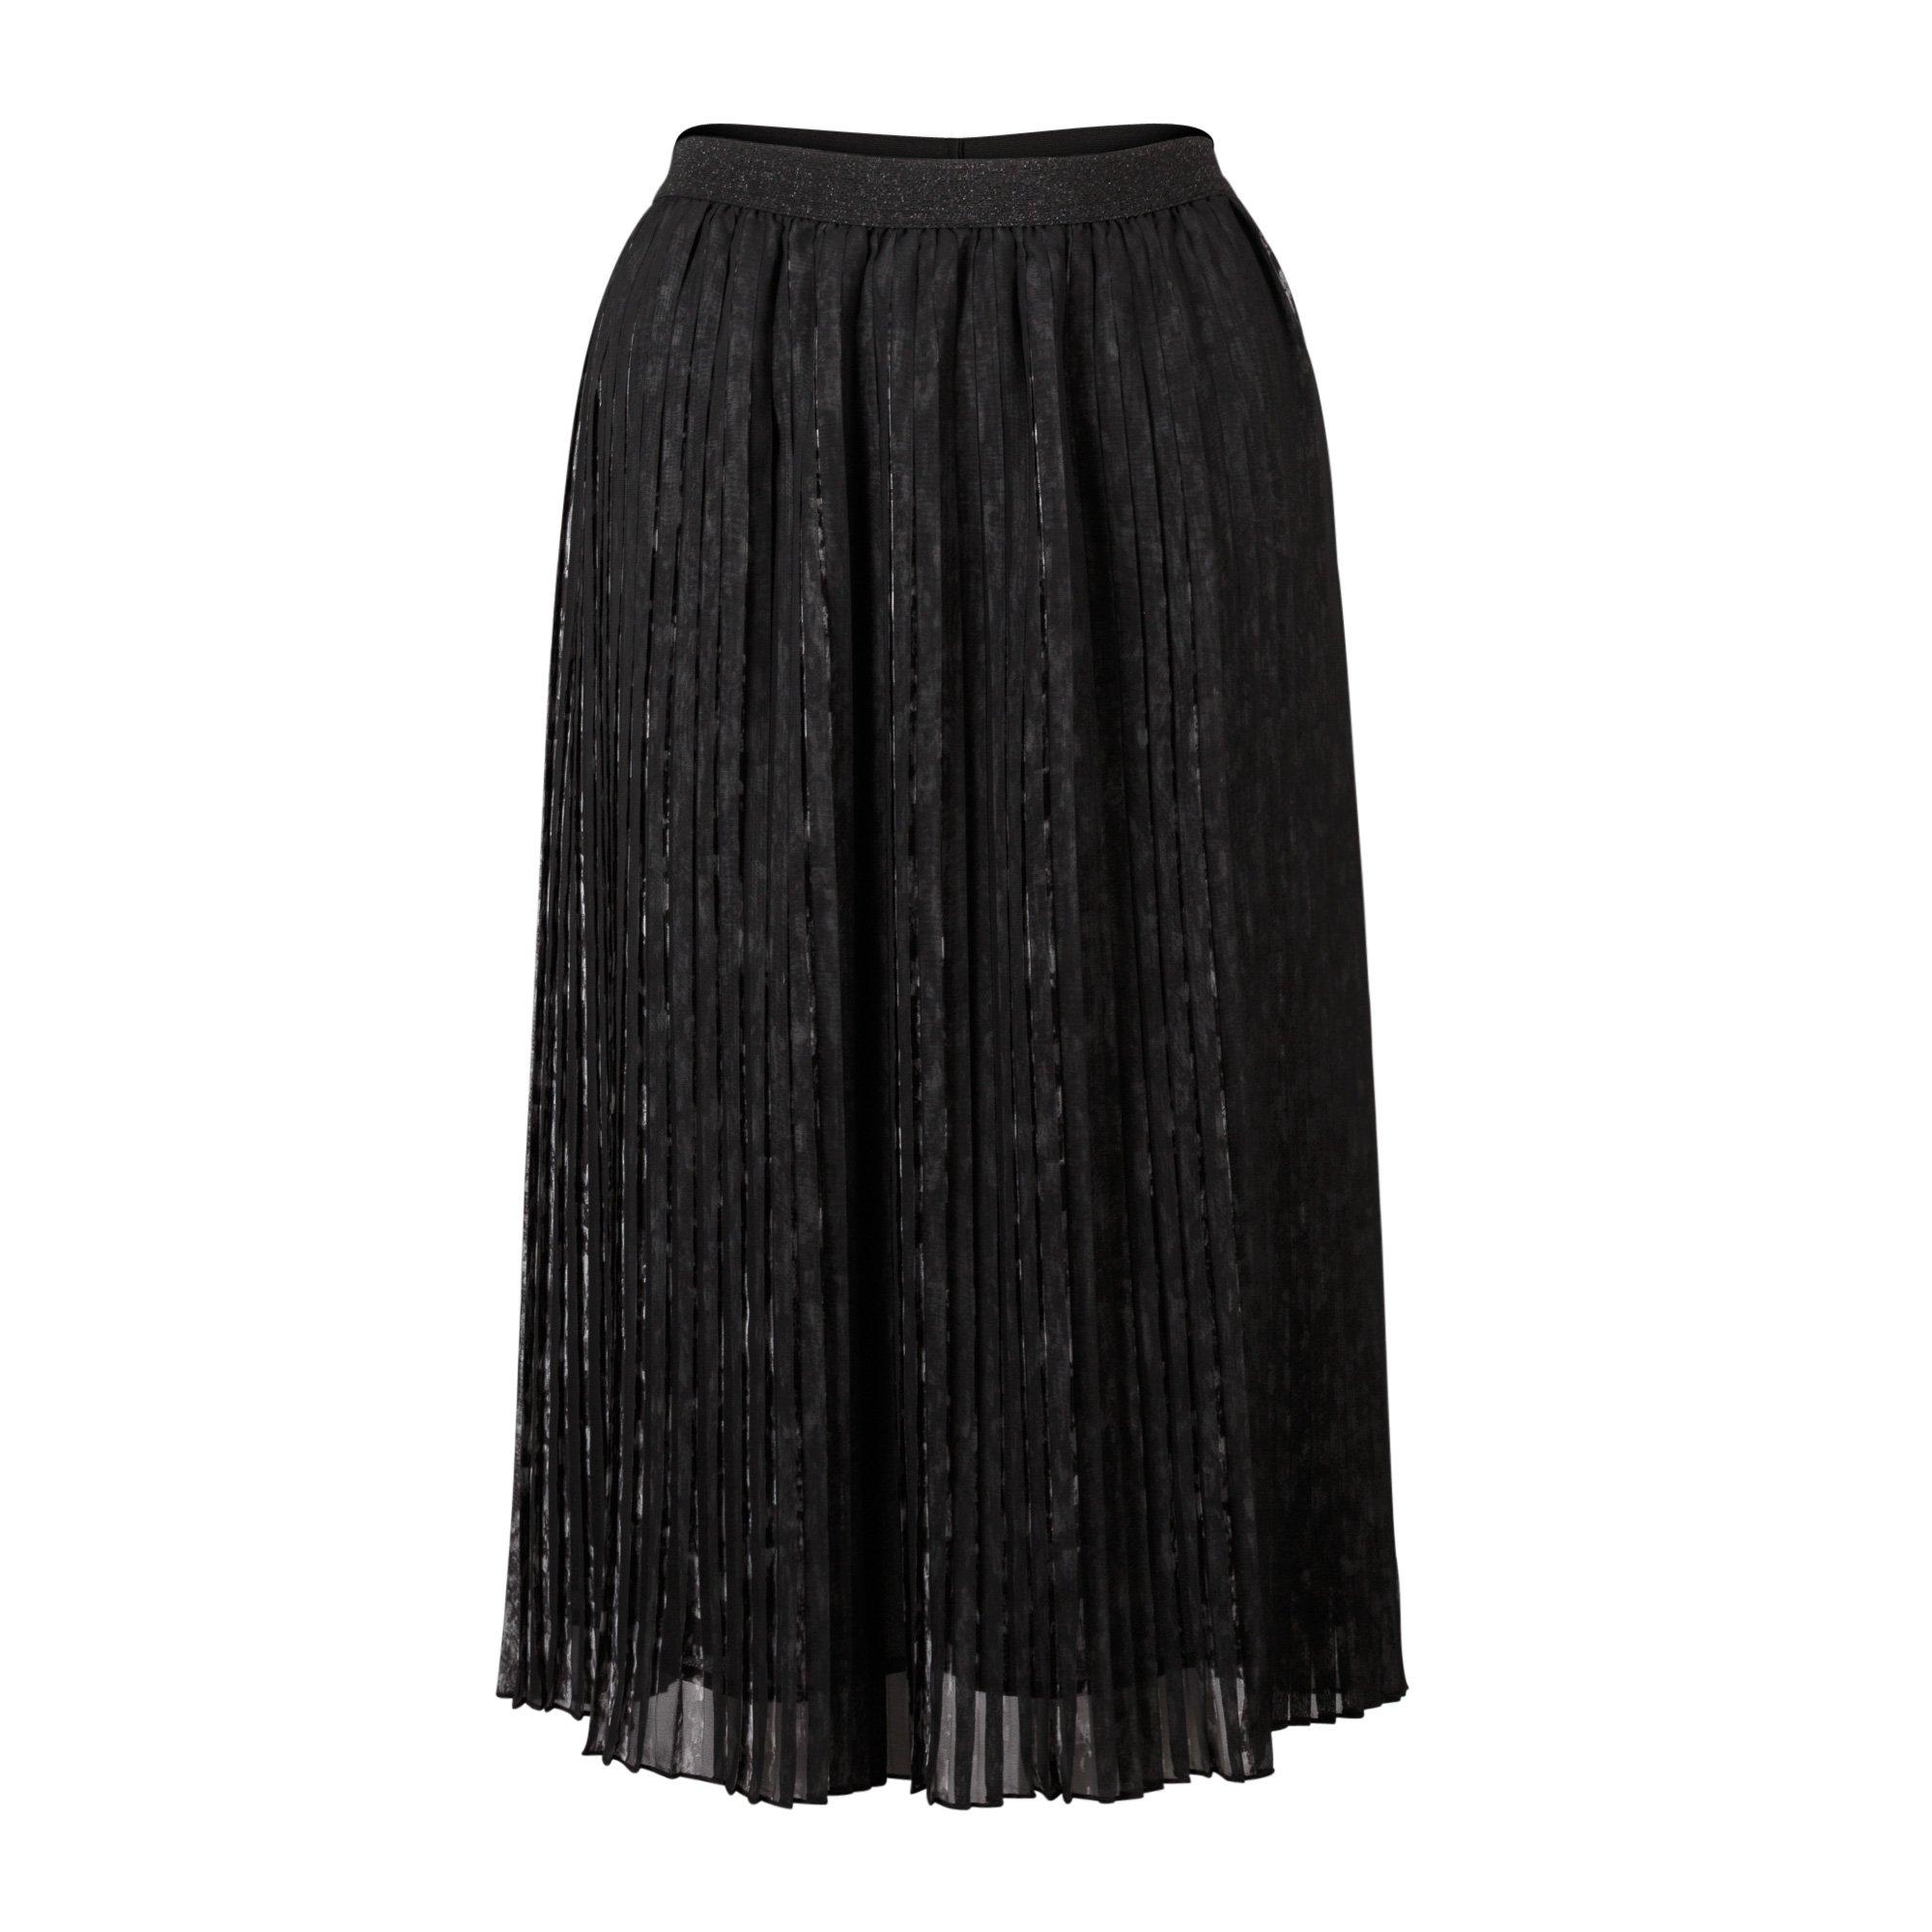 7fc755b0b Mia Pleated Skirt | Oliver Bonas